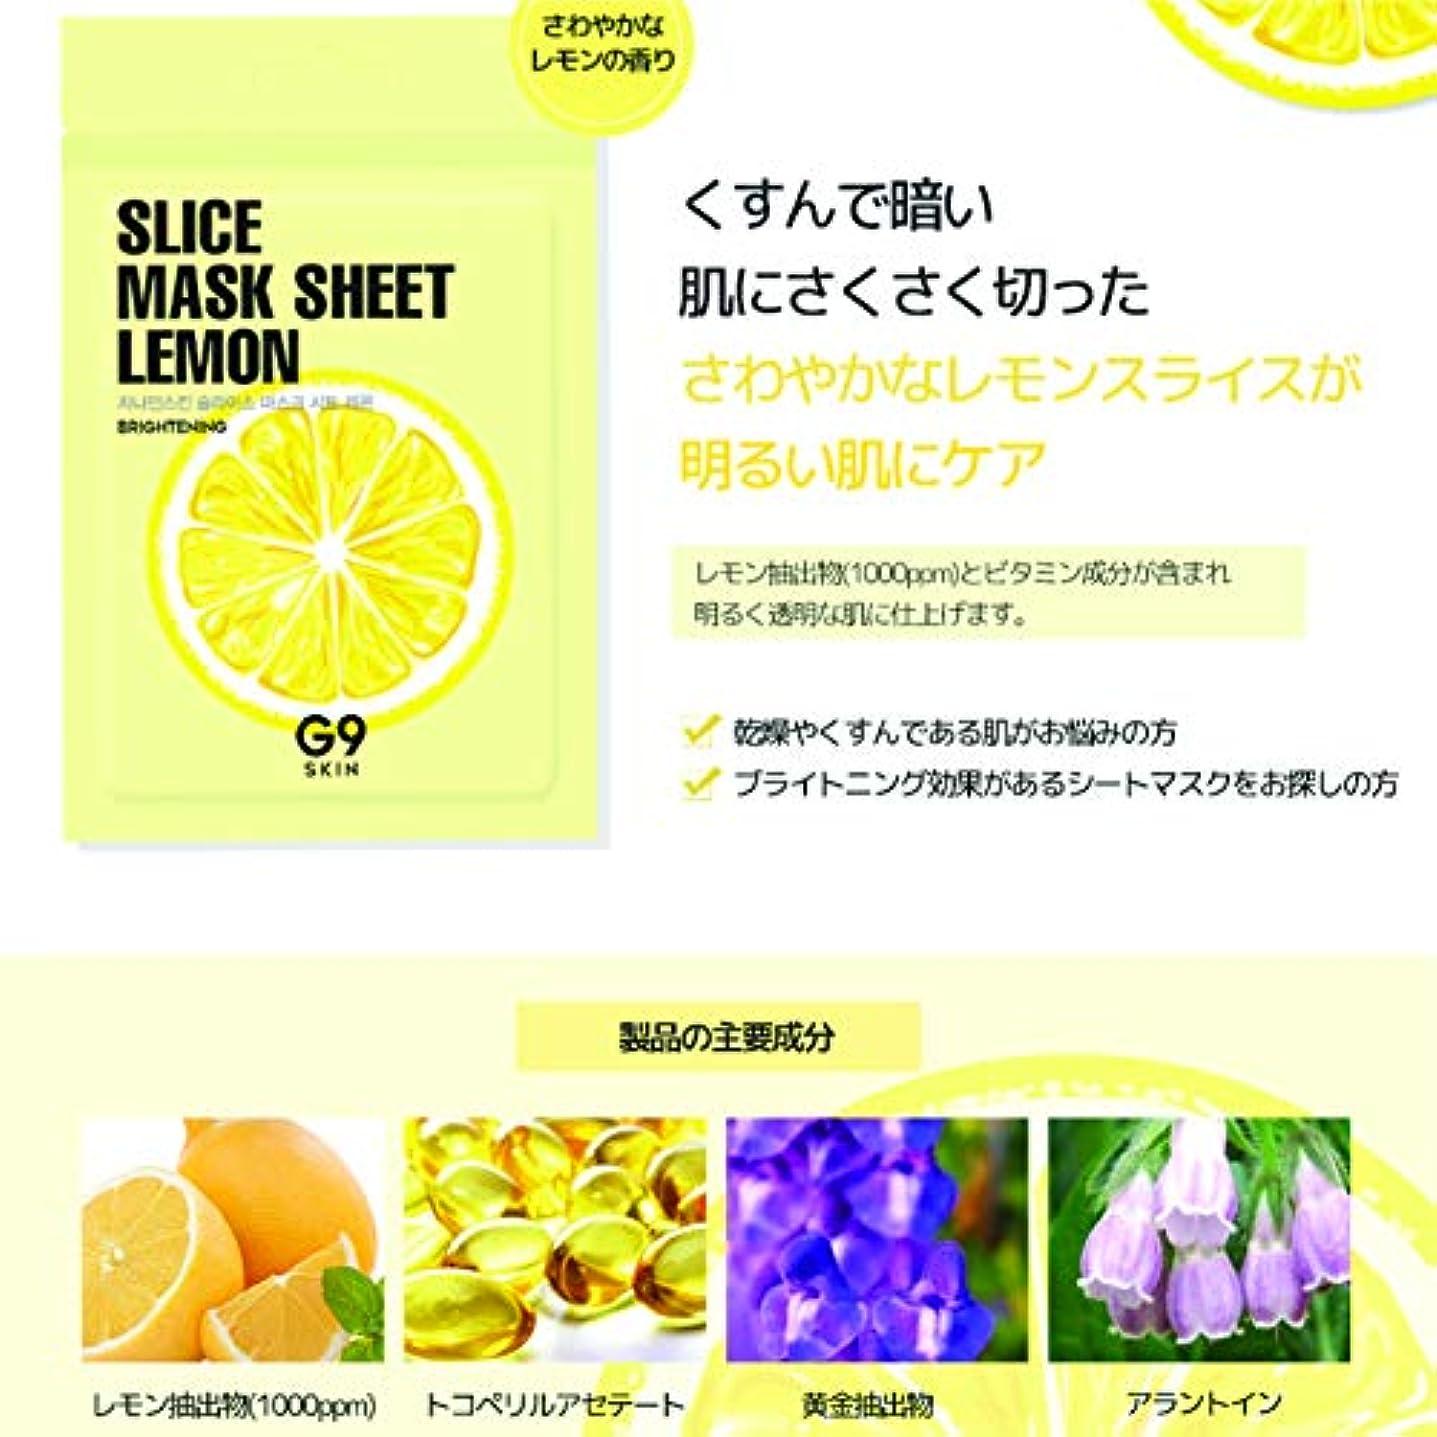 フィールドハッチ味方G9SKIN LEMON SLICE MASK SHEET 1ea / スライスマスクシート1枚 (2.LEMON)